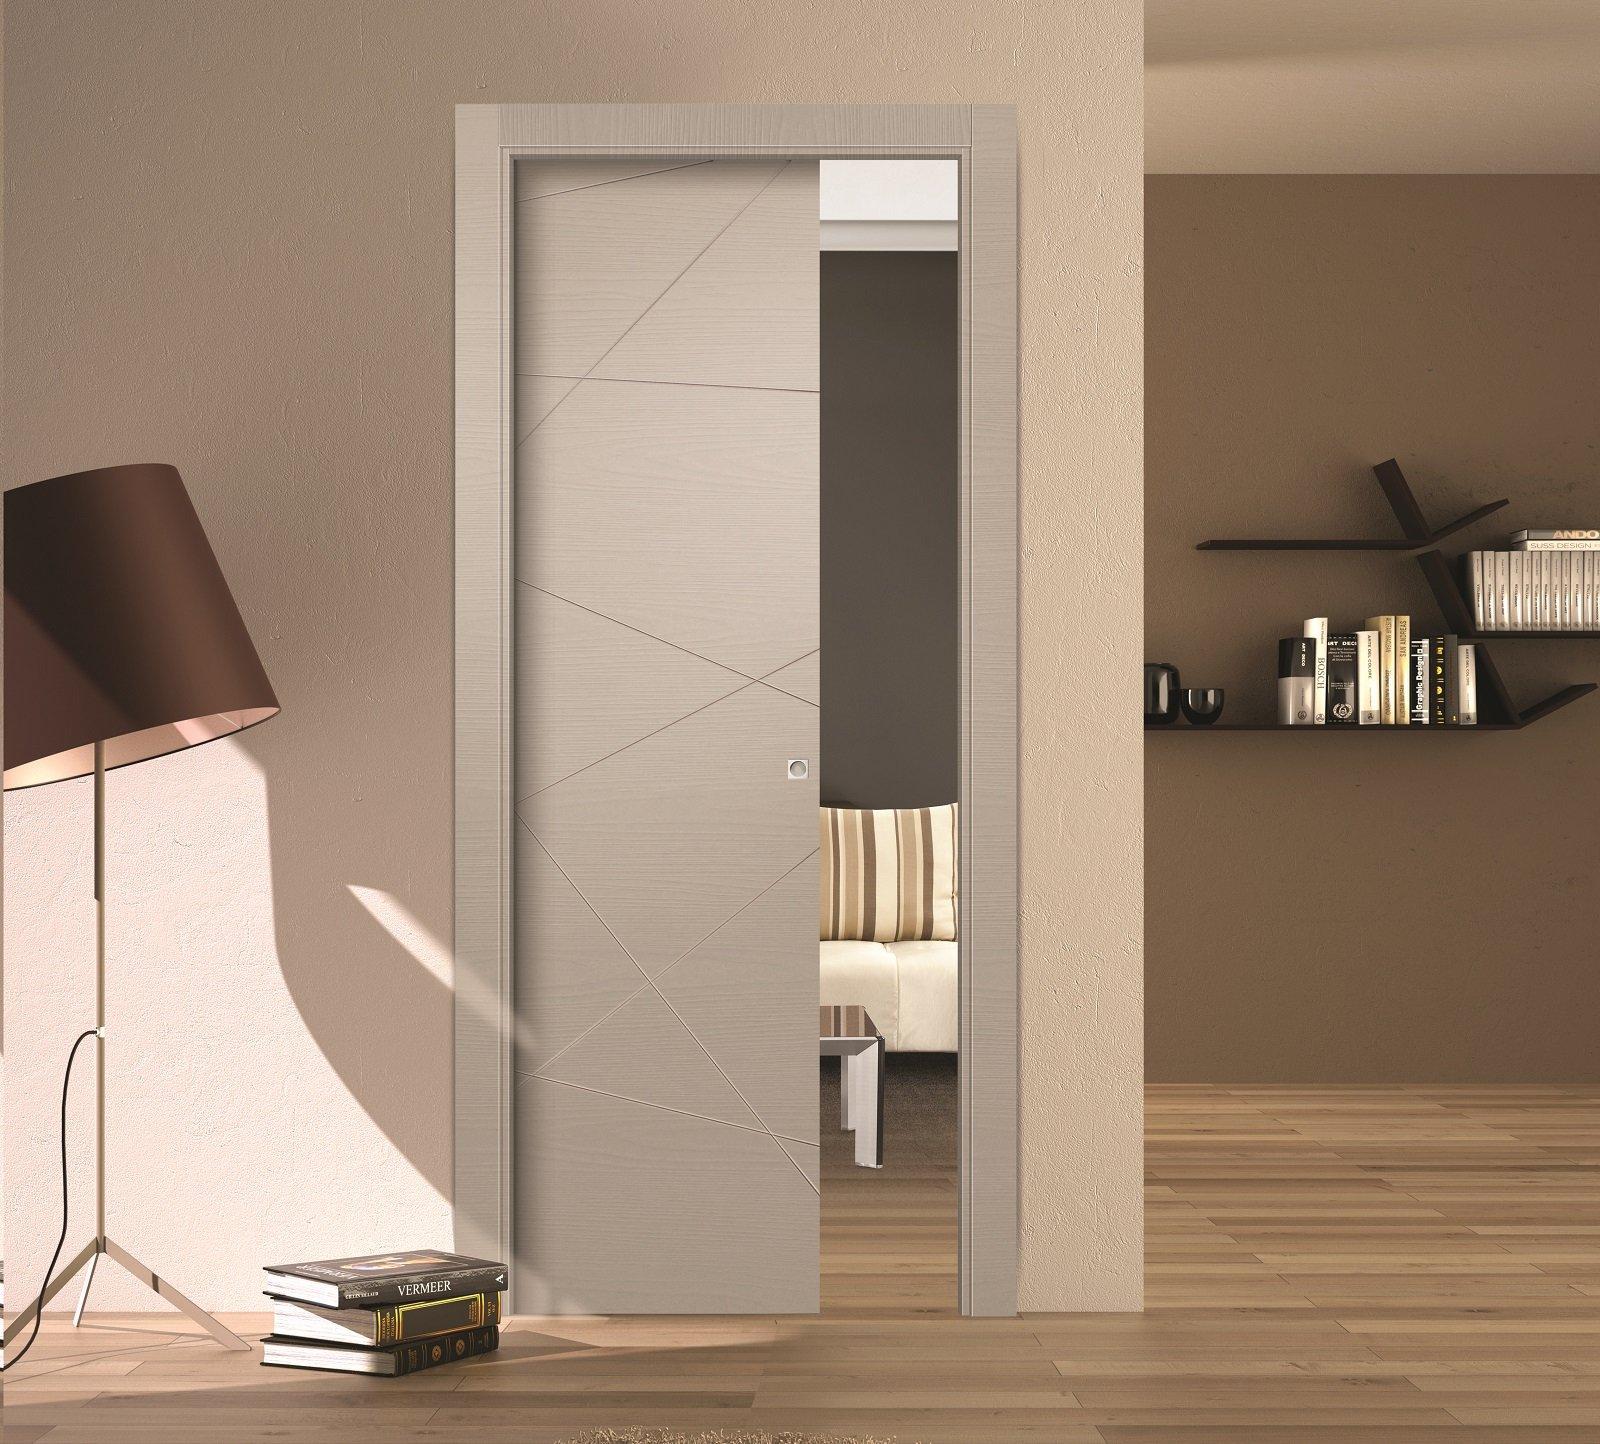 Ingresso con porta e lampada cose di casa - Altezza parapetti finestre normativa ...